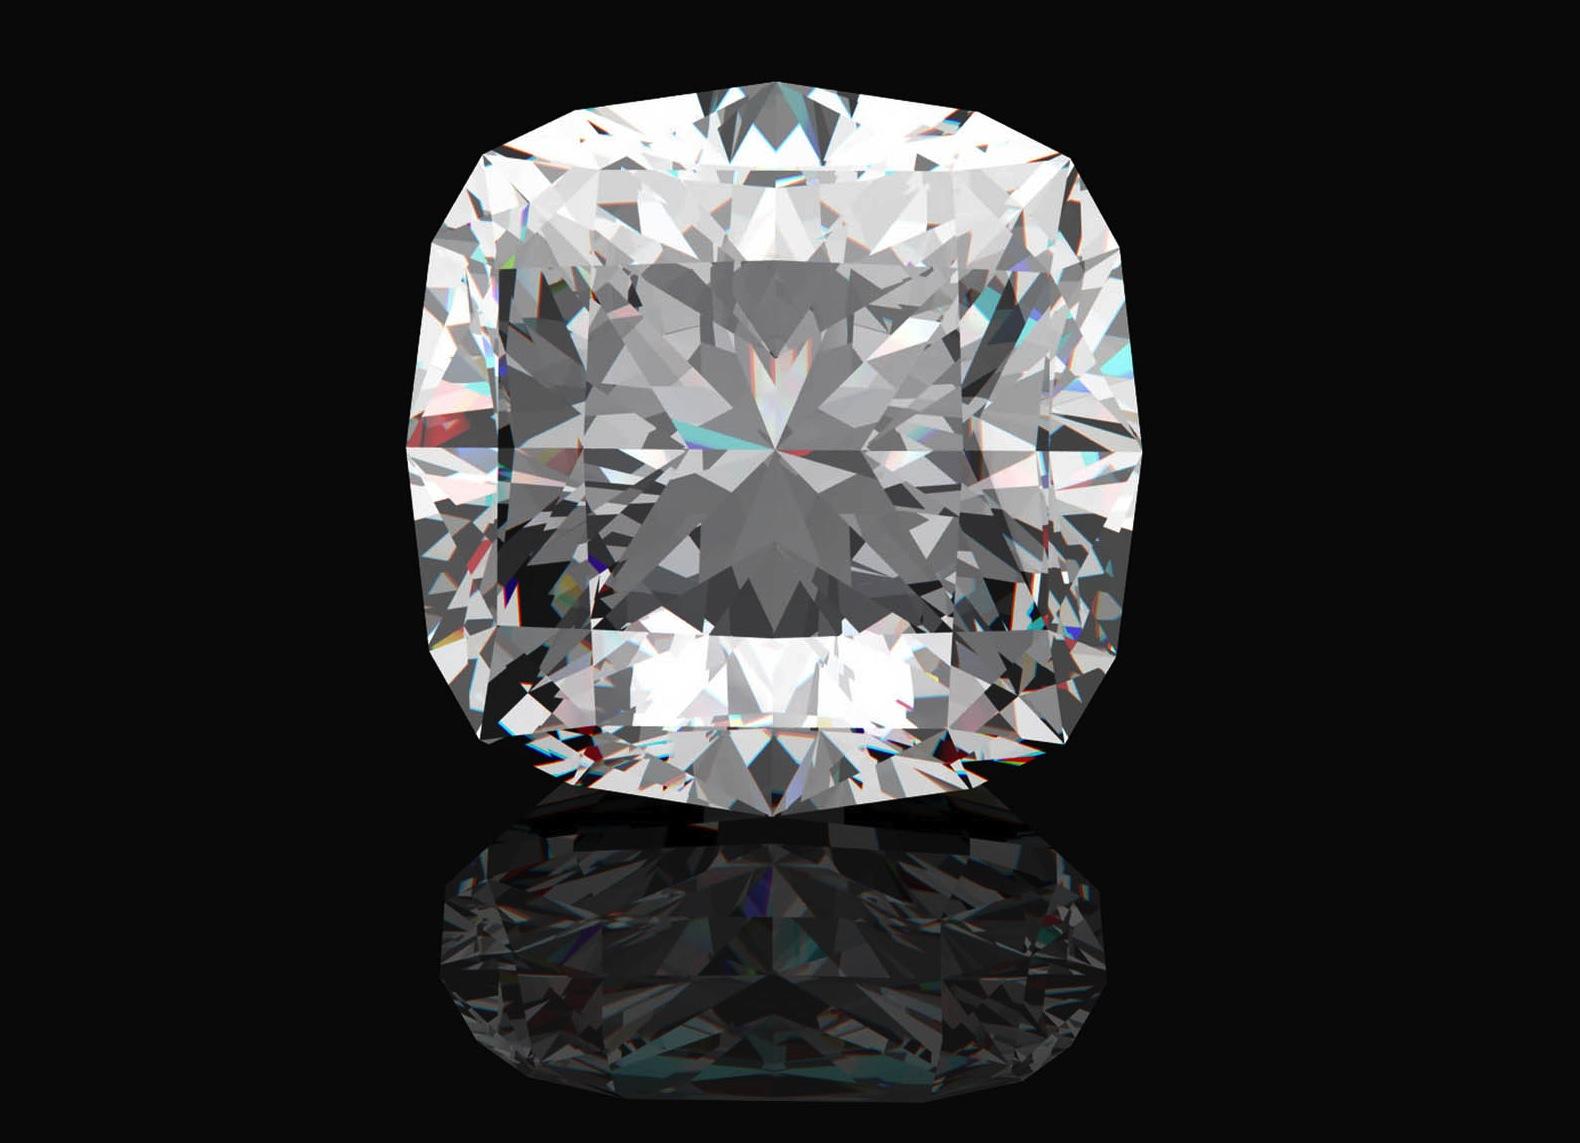 Diamond Hd Wallpapers   1580x1143 iWallHD   Wallpaper HD 1580x1143